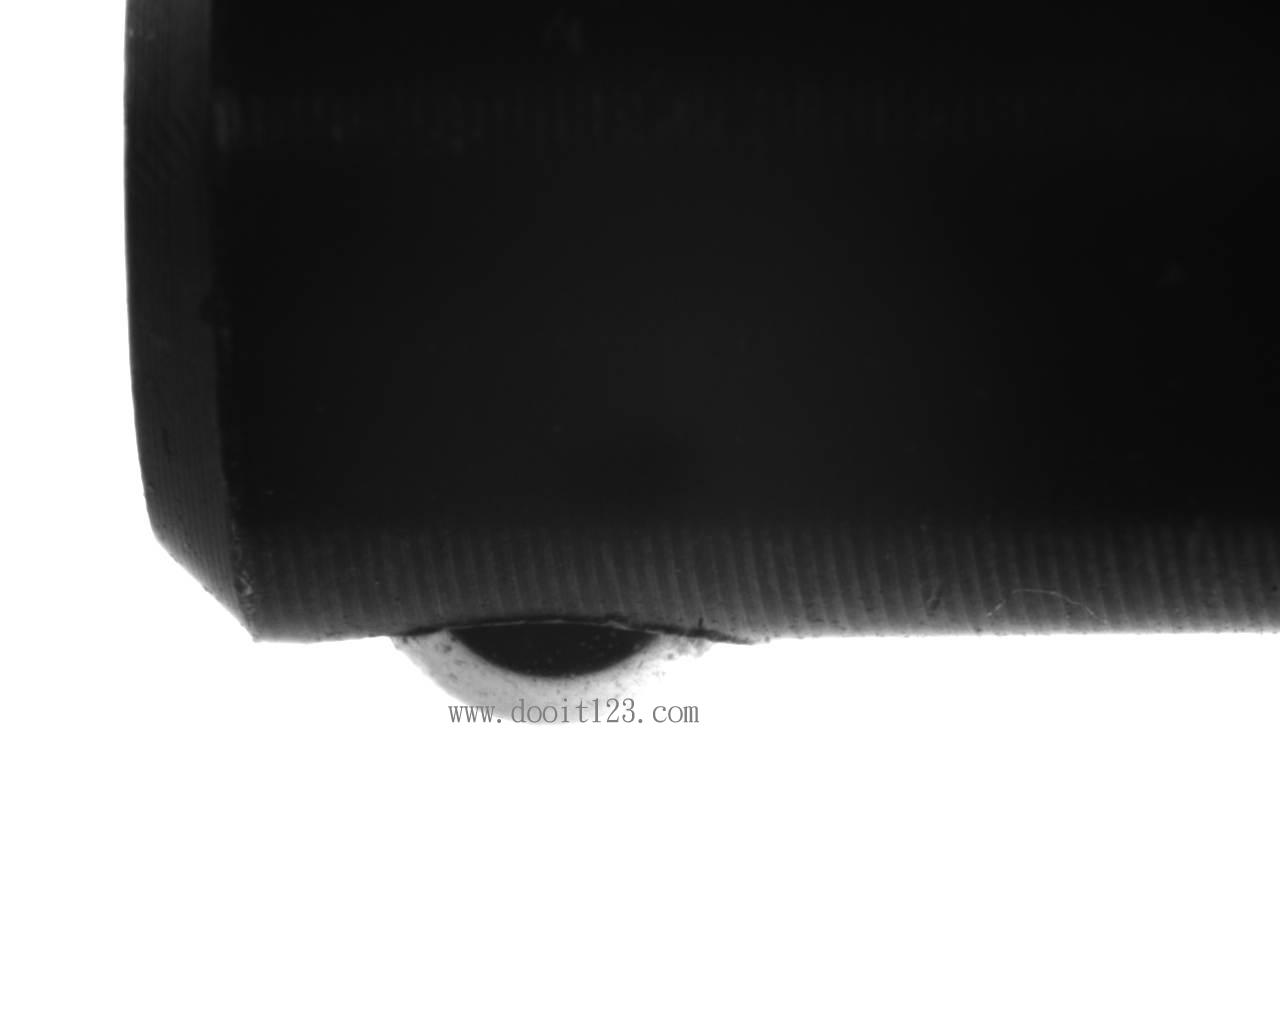 鉚釘檢測,緊固件,螺絲、橡膠、塑膠、連接器、鉚釘、螺帽、華司、粉末冶金、瑕疵、尺